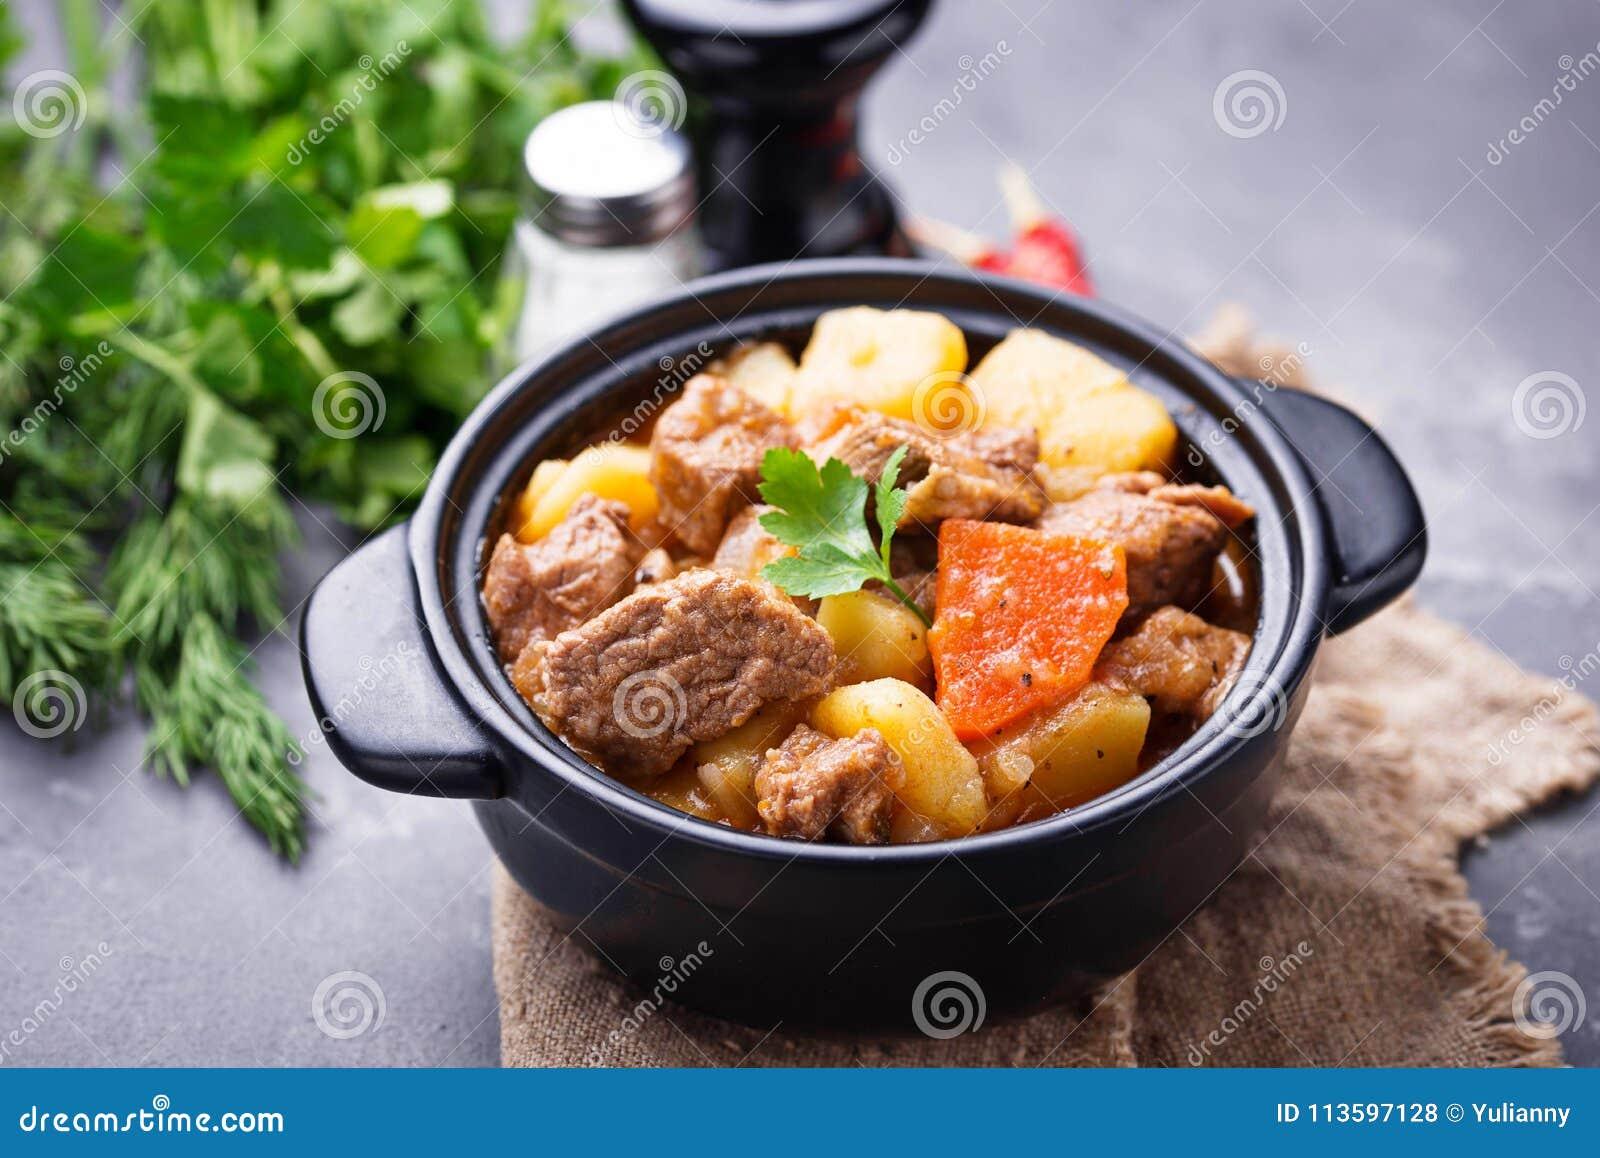 Wołowina gulasz z grulą i marchewką